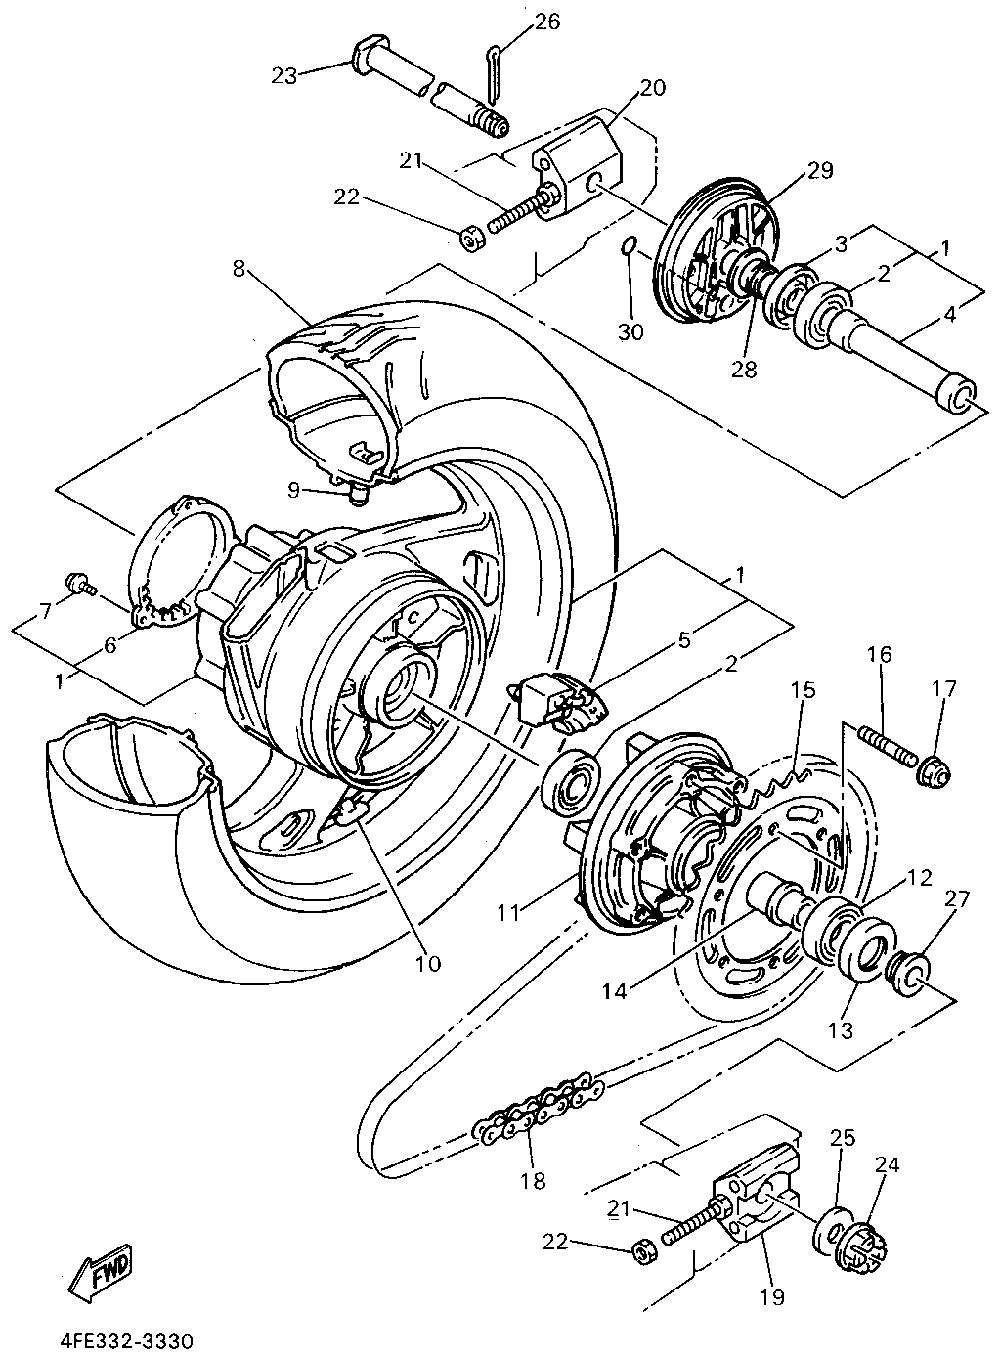 Yamaha gts 1000 1994 rear wheel